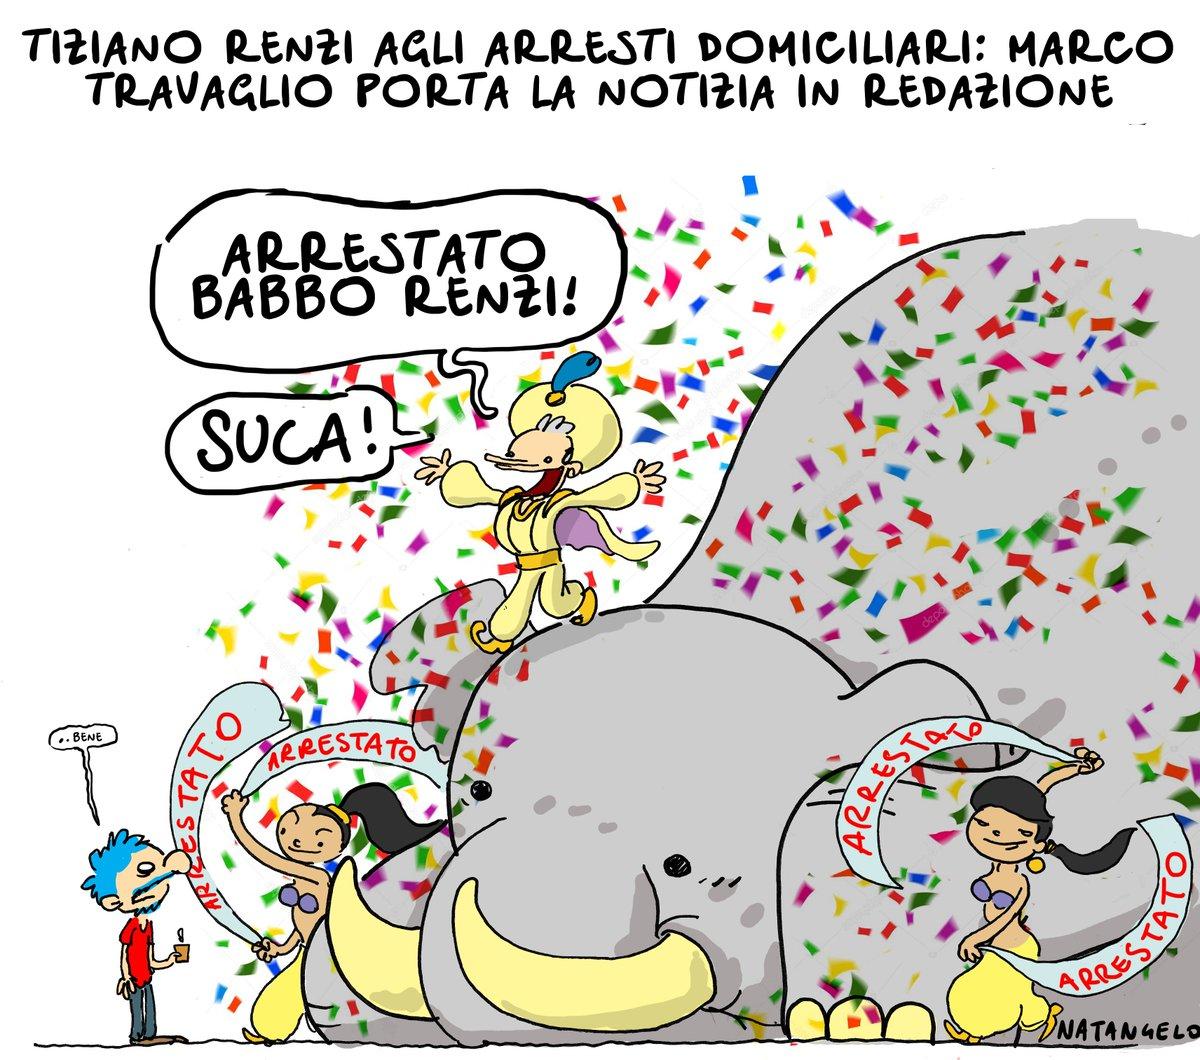 Tiziano Renzi ai domiciliari  #tizianorenzi #arrestidomiciliari #travaglio #natangelo